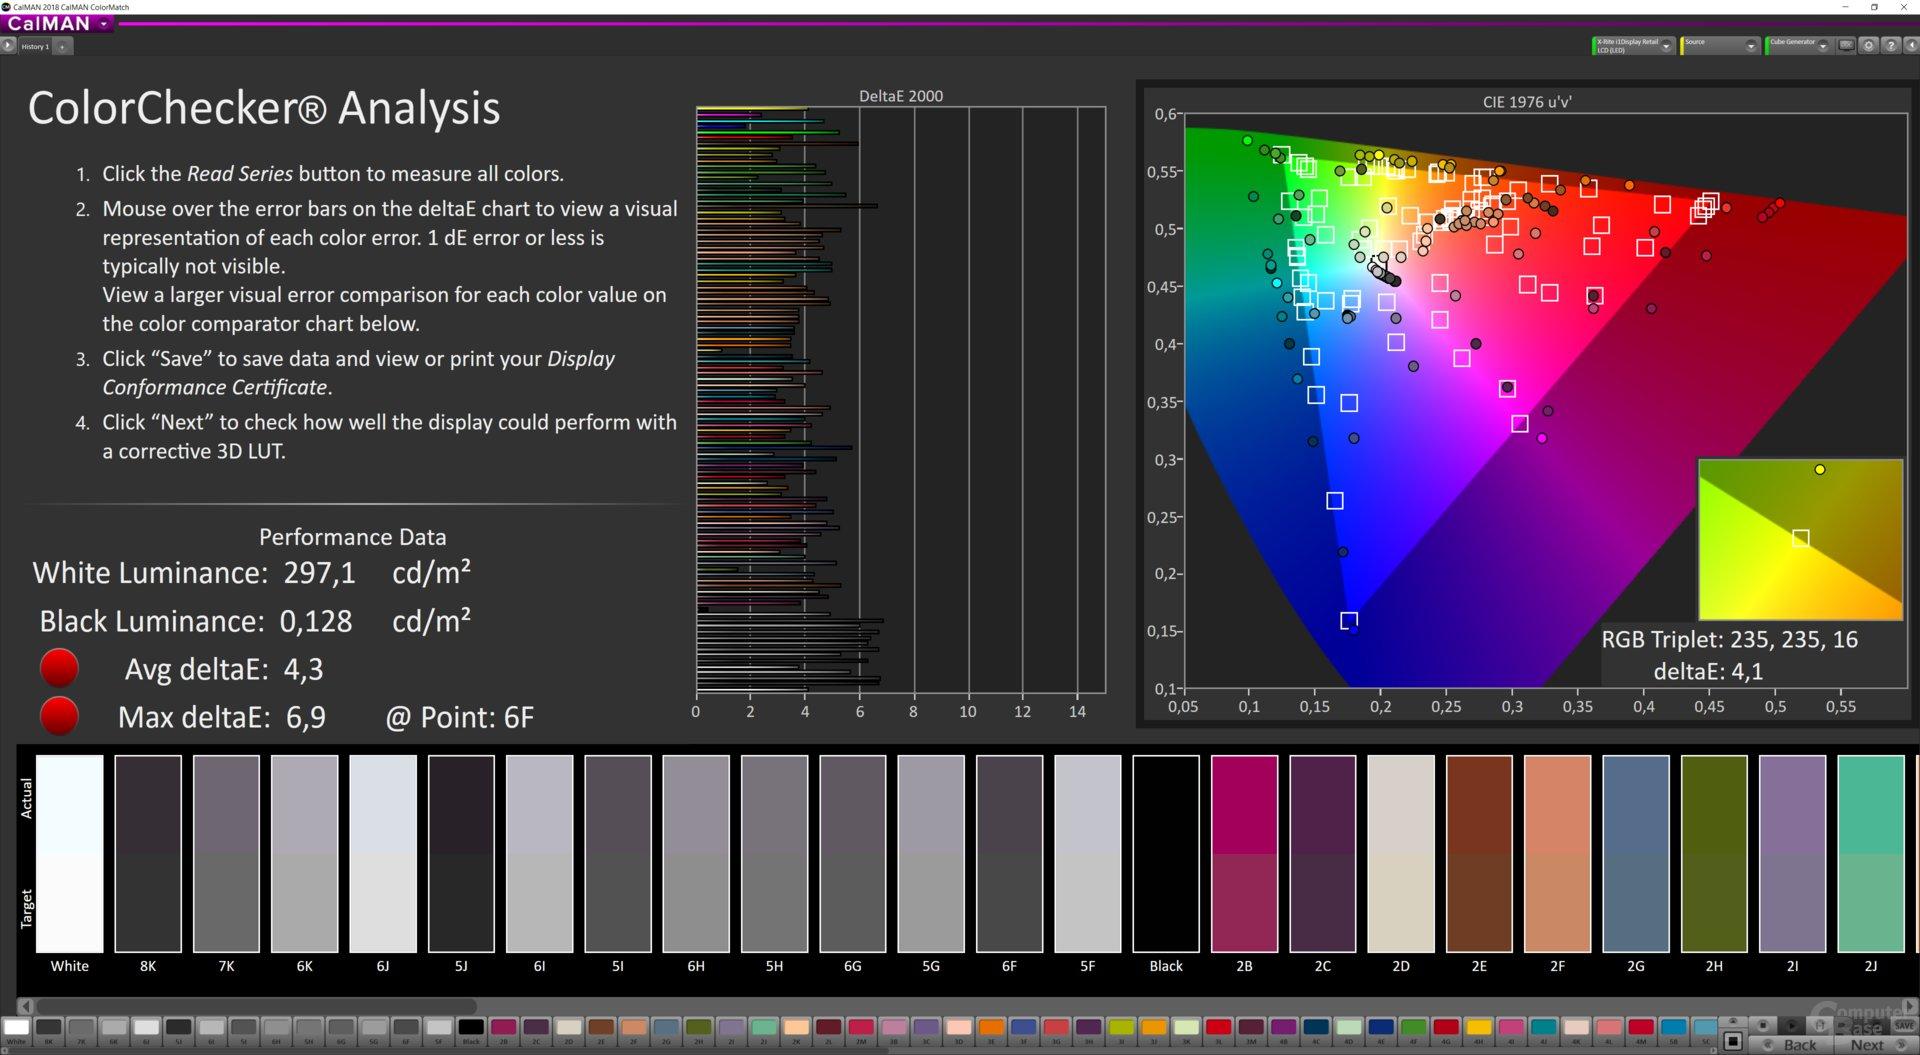 ViewSonic XG3220 - sRGB-Profil